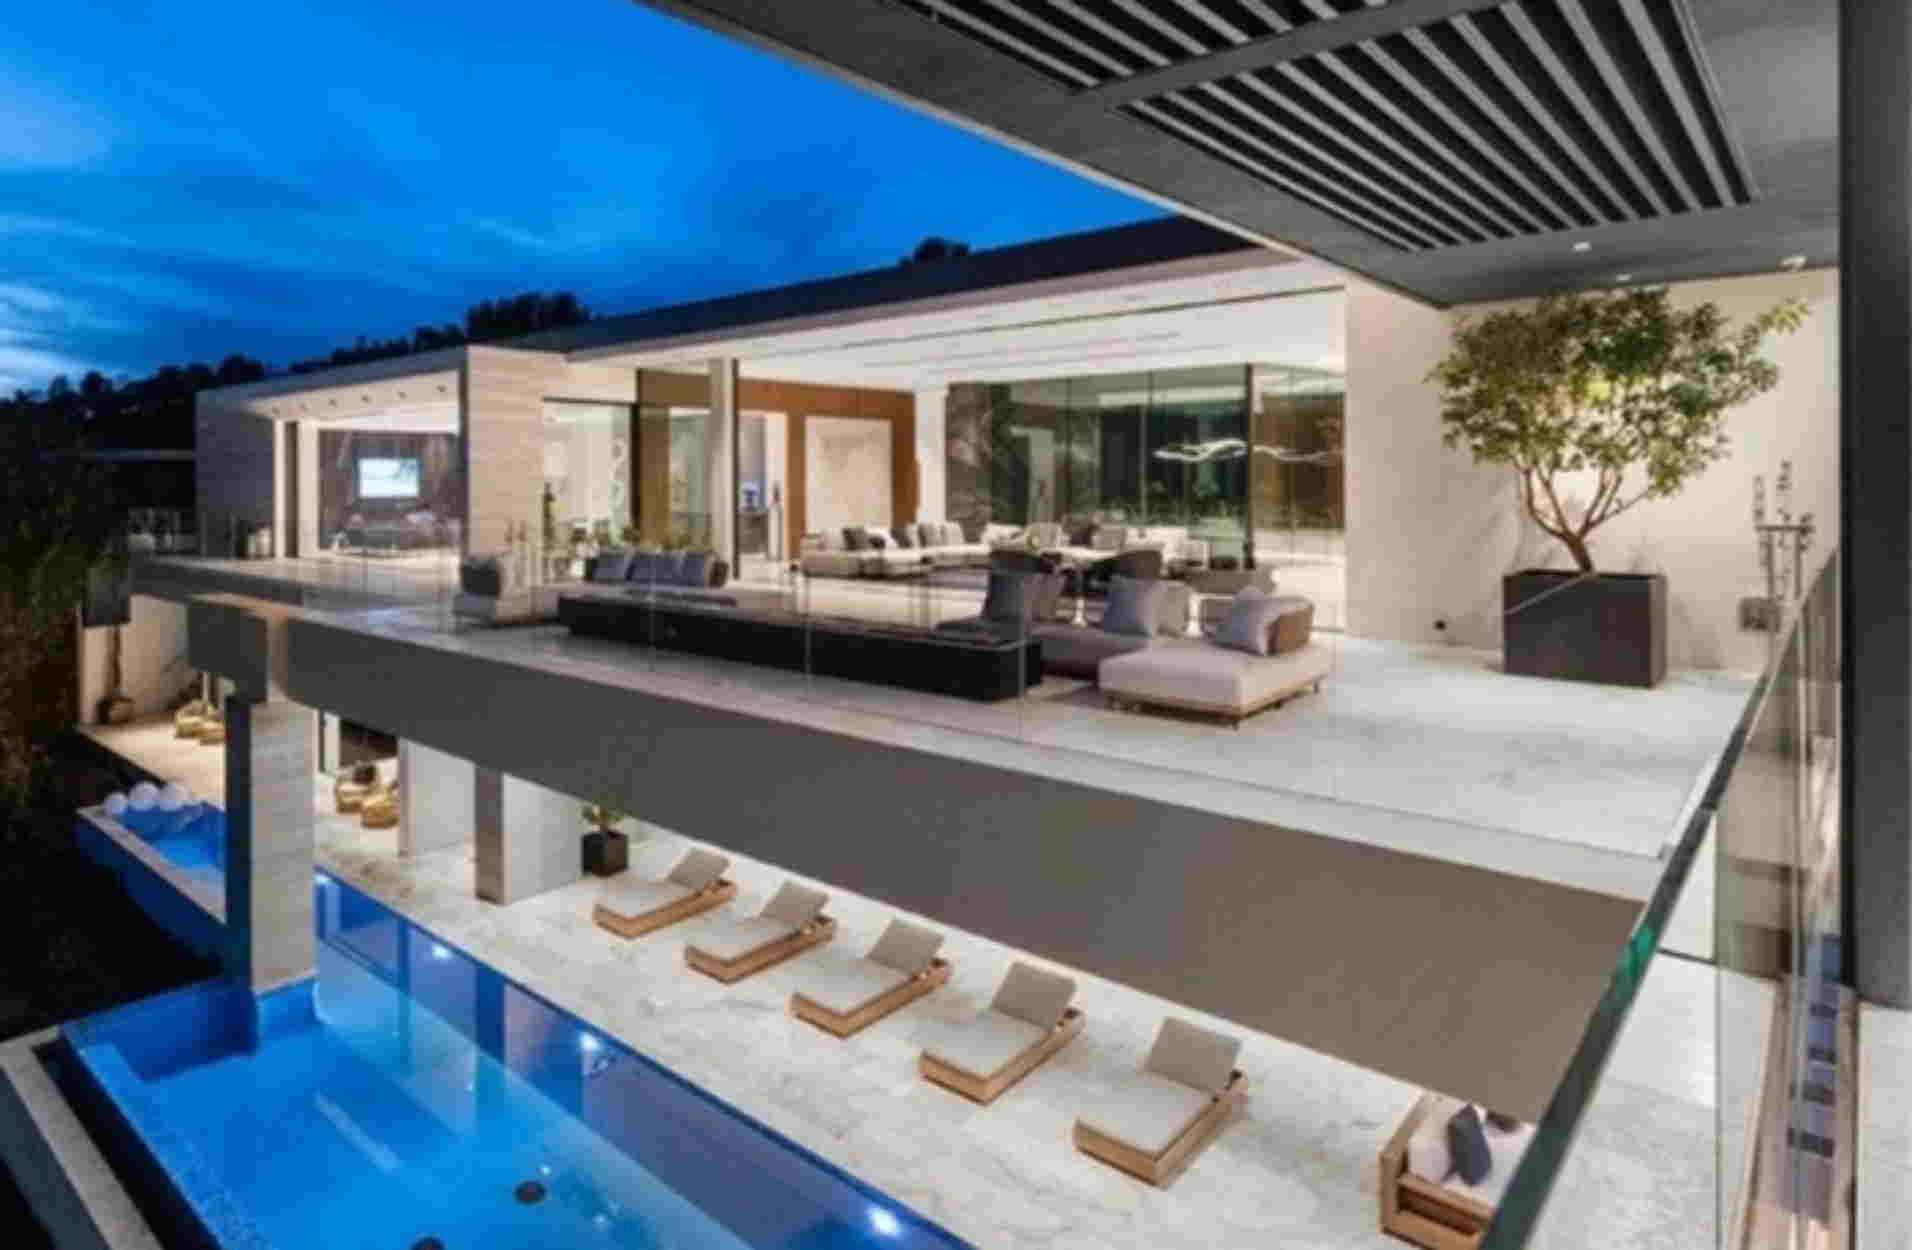 Αυτό το απίστευτο σπίτι στο Μπέβερλι Χιλς μπορεί να γίνει δικό σας με 1.000 bitcoin